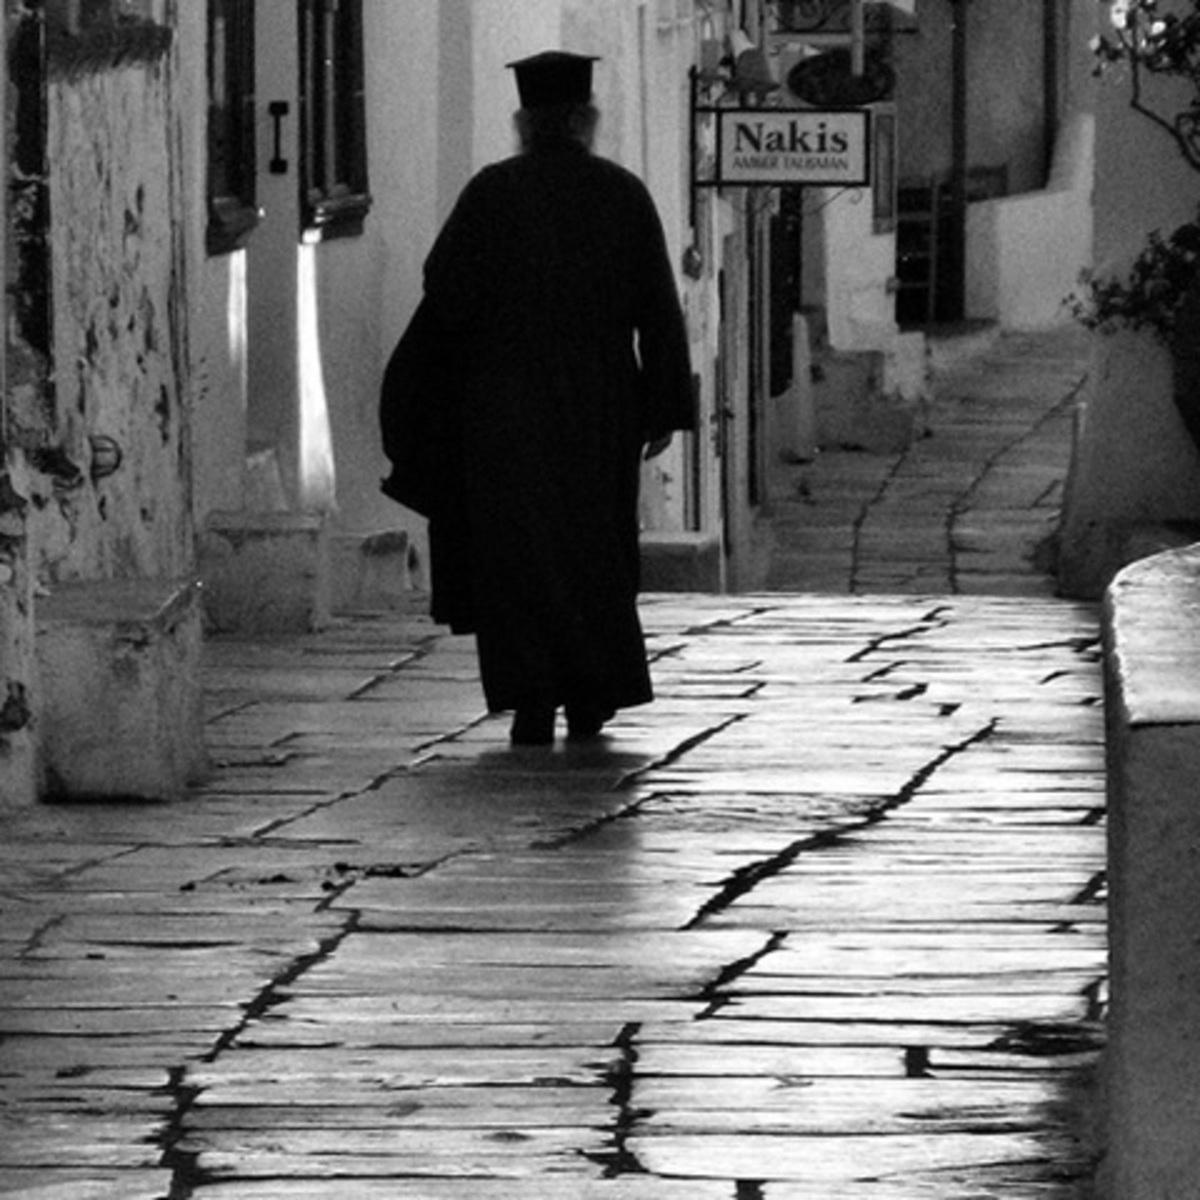 Ναυπακτία: Ο ιερέας, η ερωμένη και το πανάκριβο αυτοκίνητο… | Newsit.gr